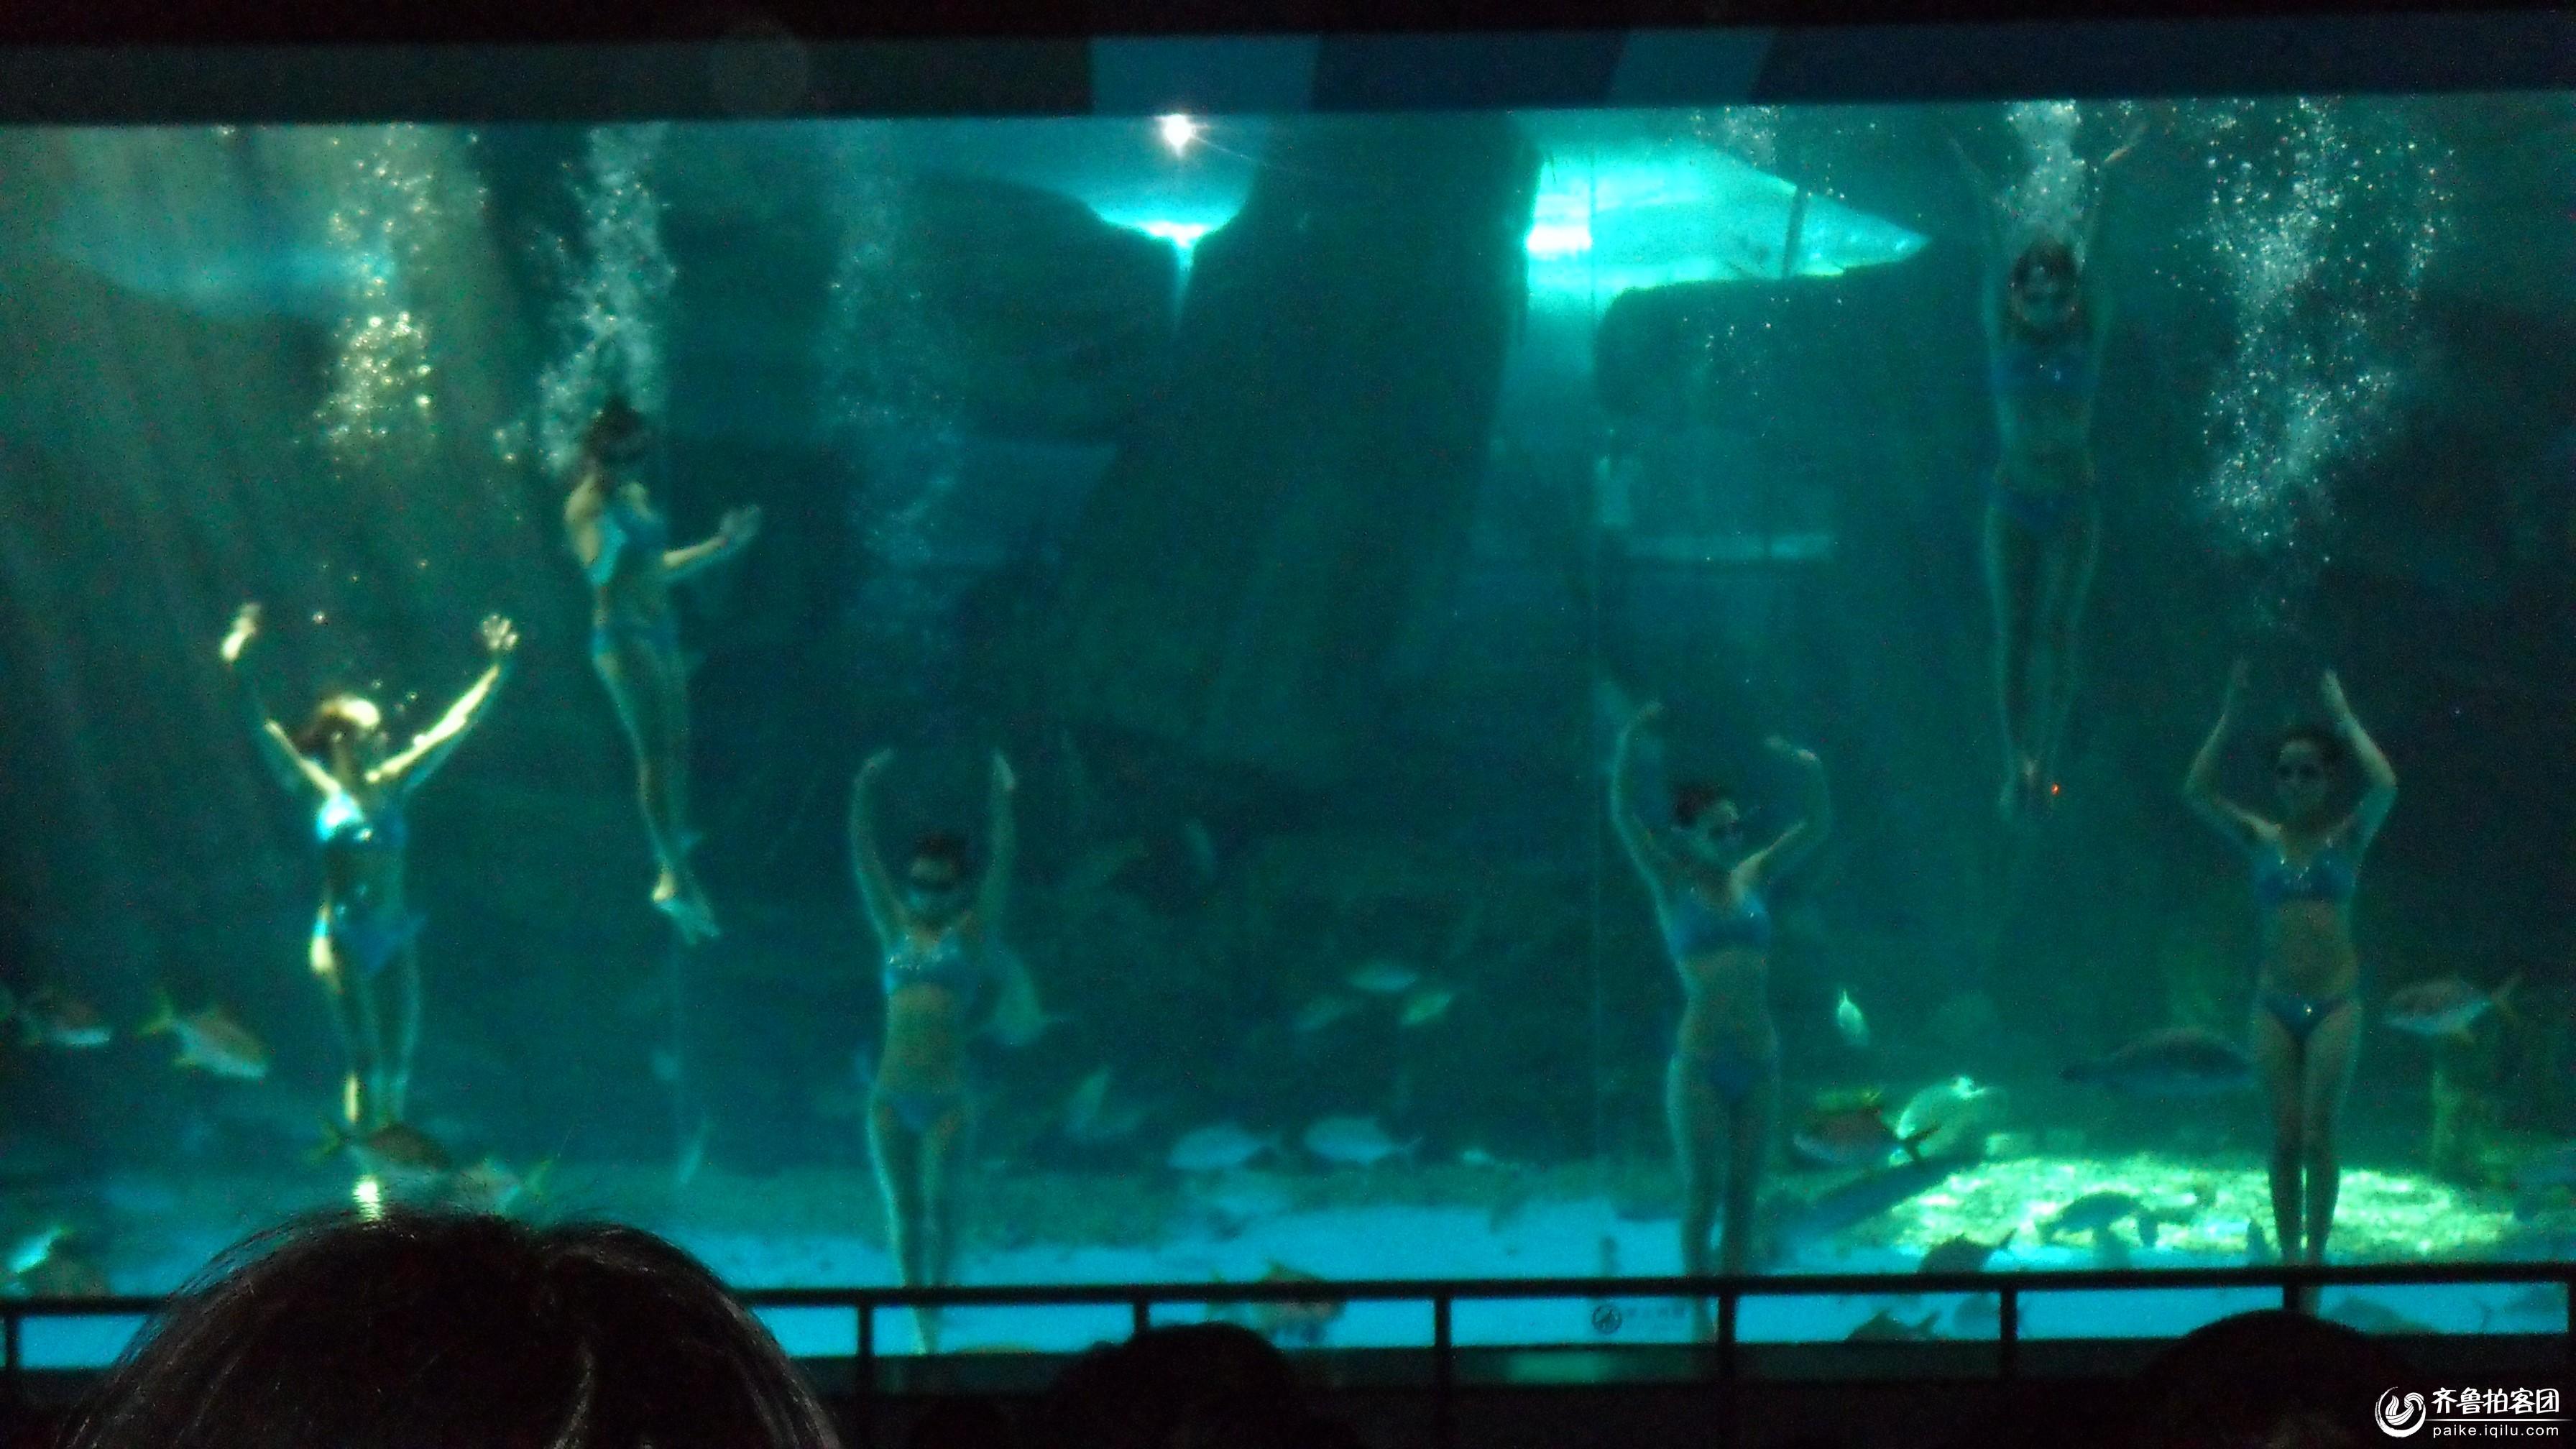 齐鲁拍客团 69 聊城拍客 69 美论美换的海底世界  分享到:qq空间